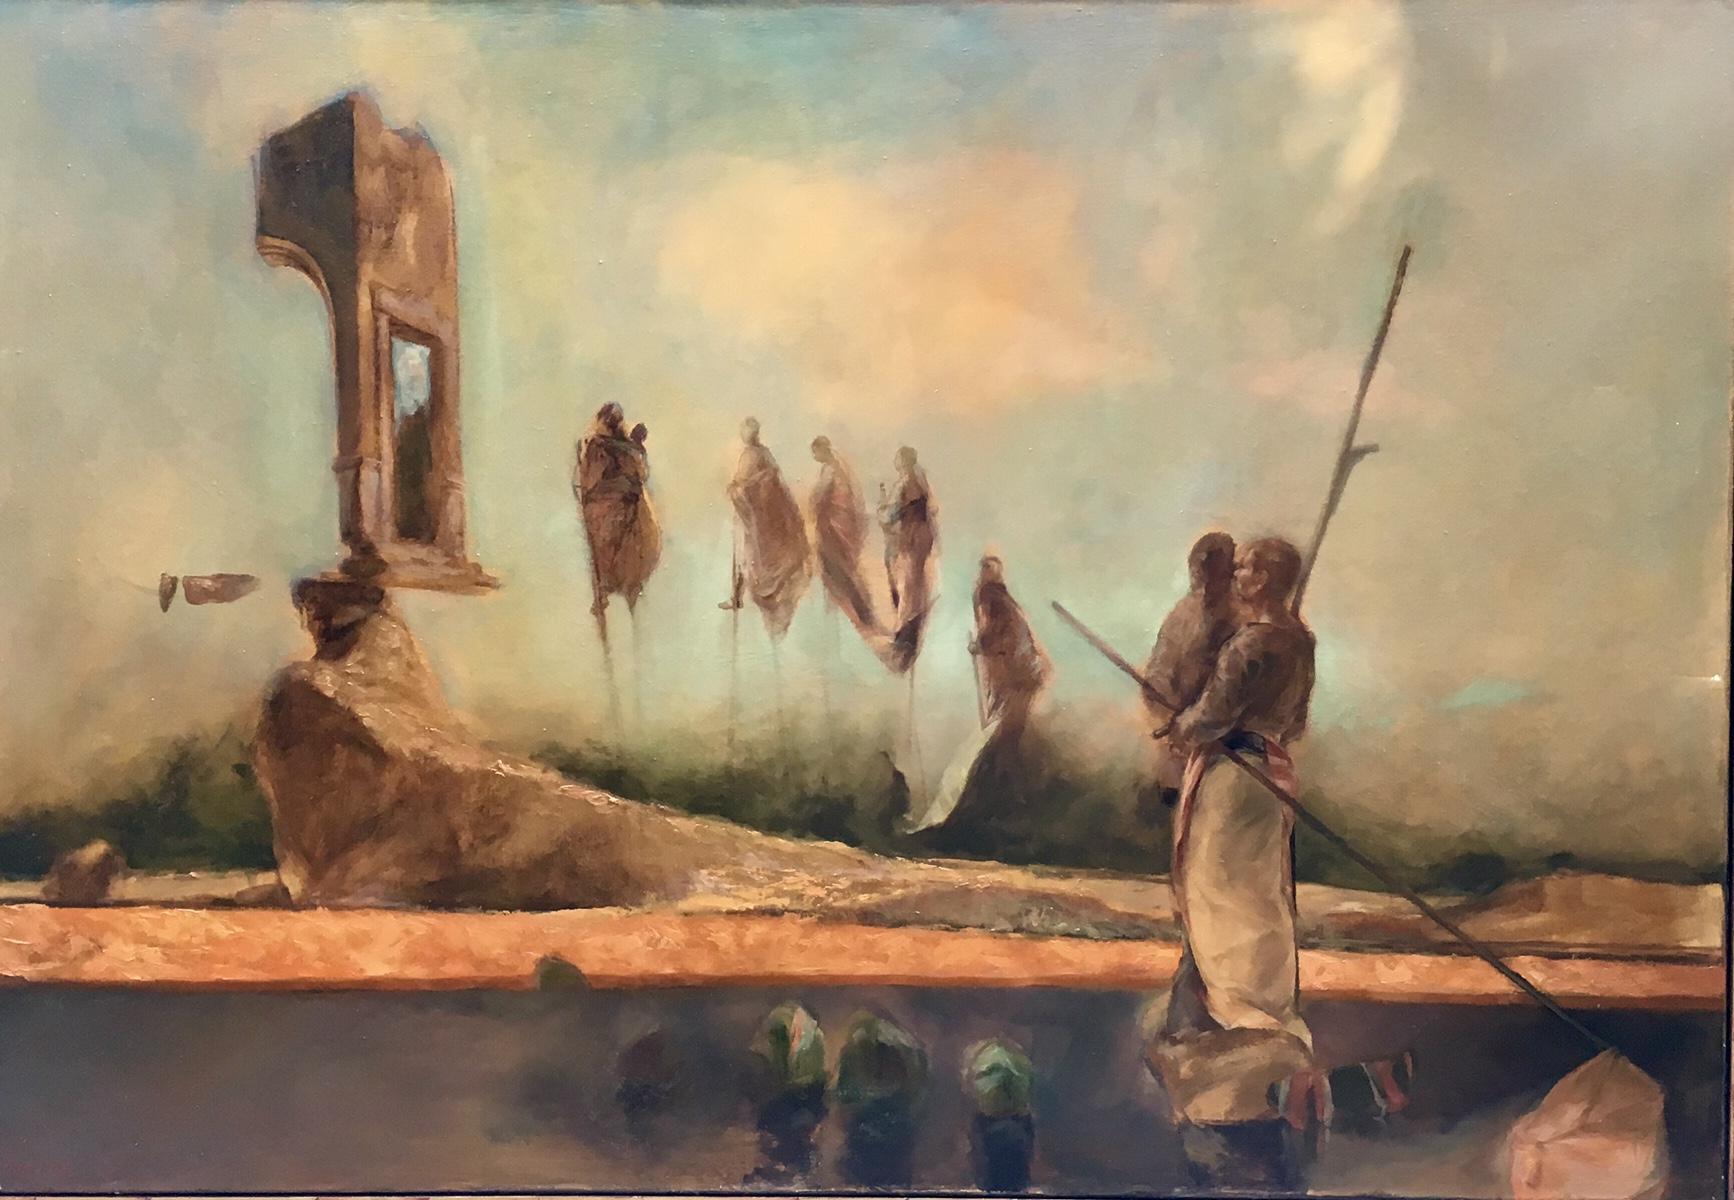 Incze, Mózes: Der Marsch